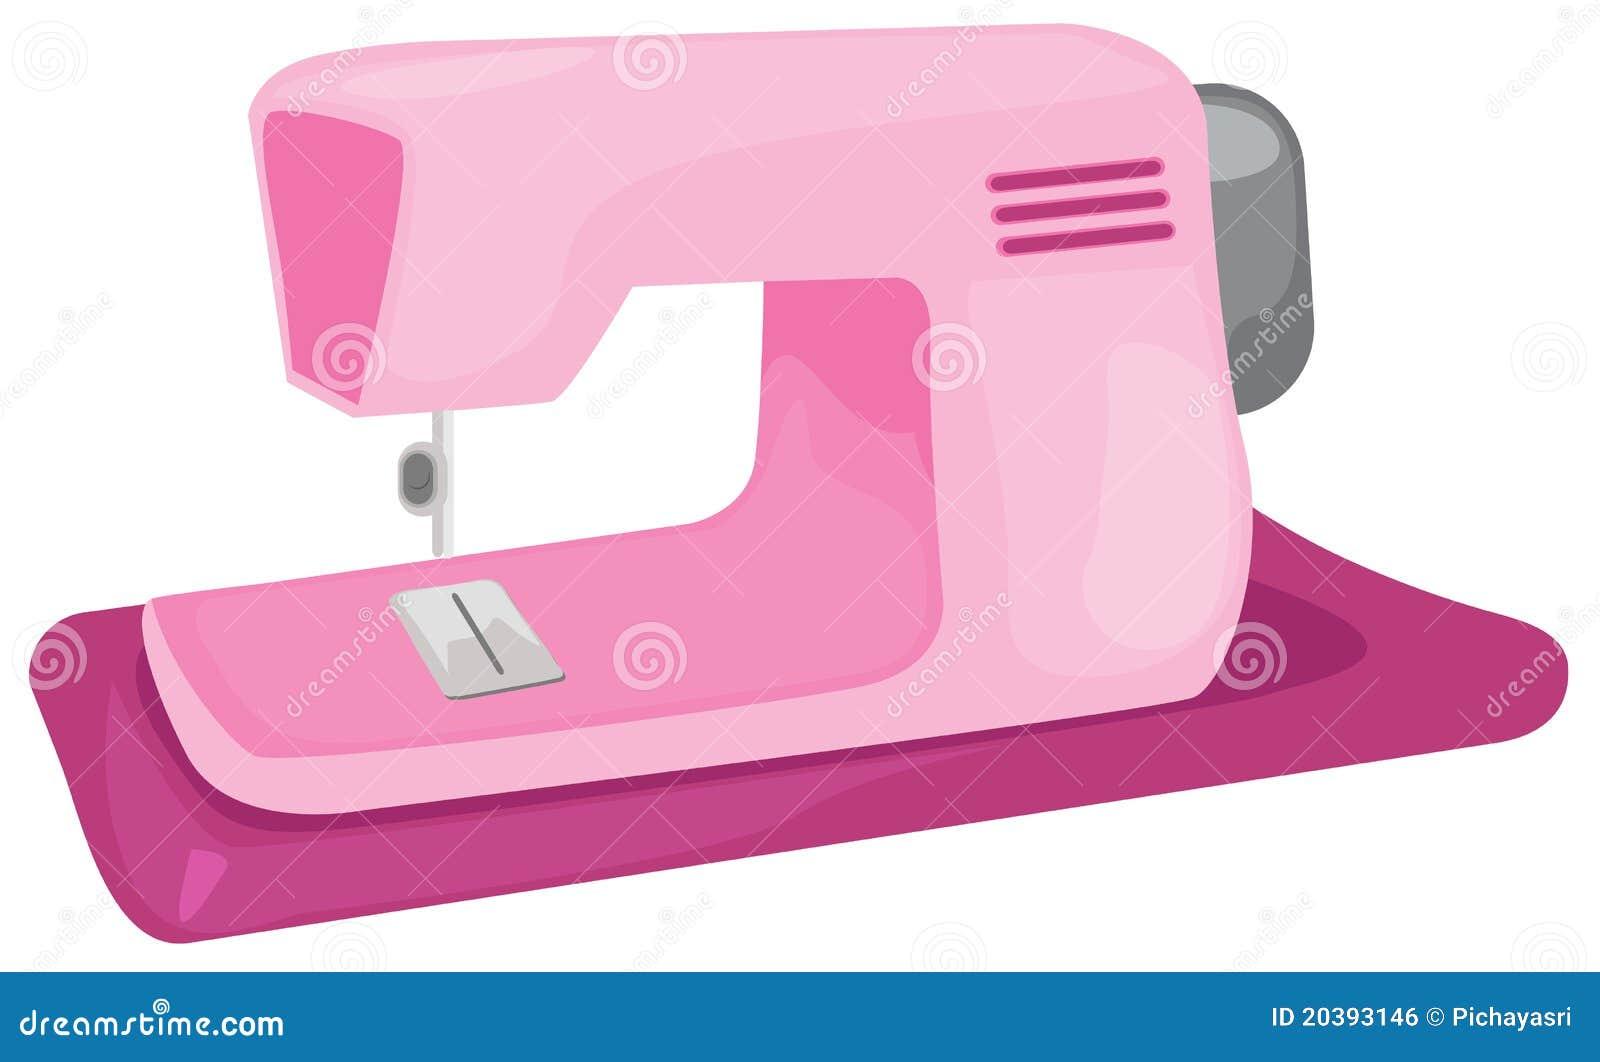 Macchina per cucire illustrazione vettoriale for Migliore macchina da cucire per principianti